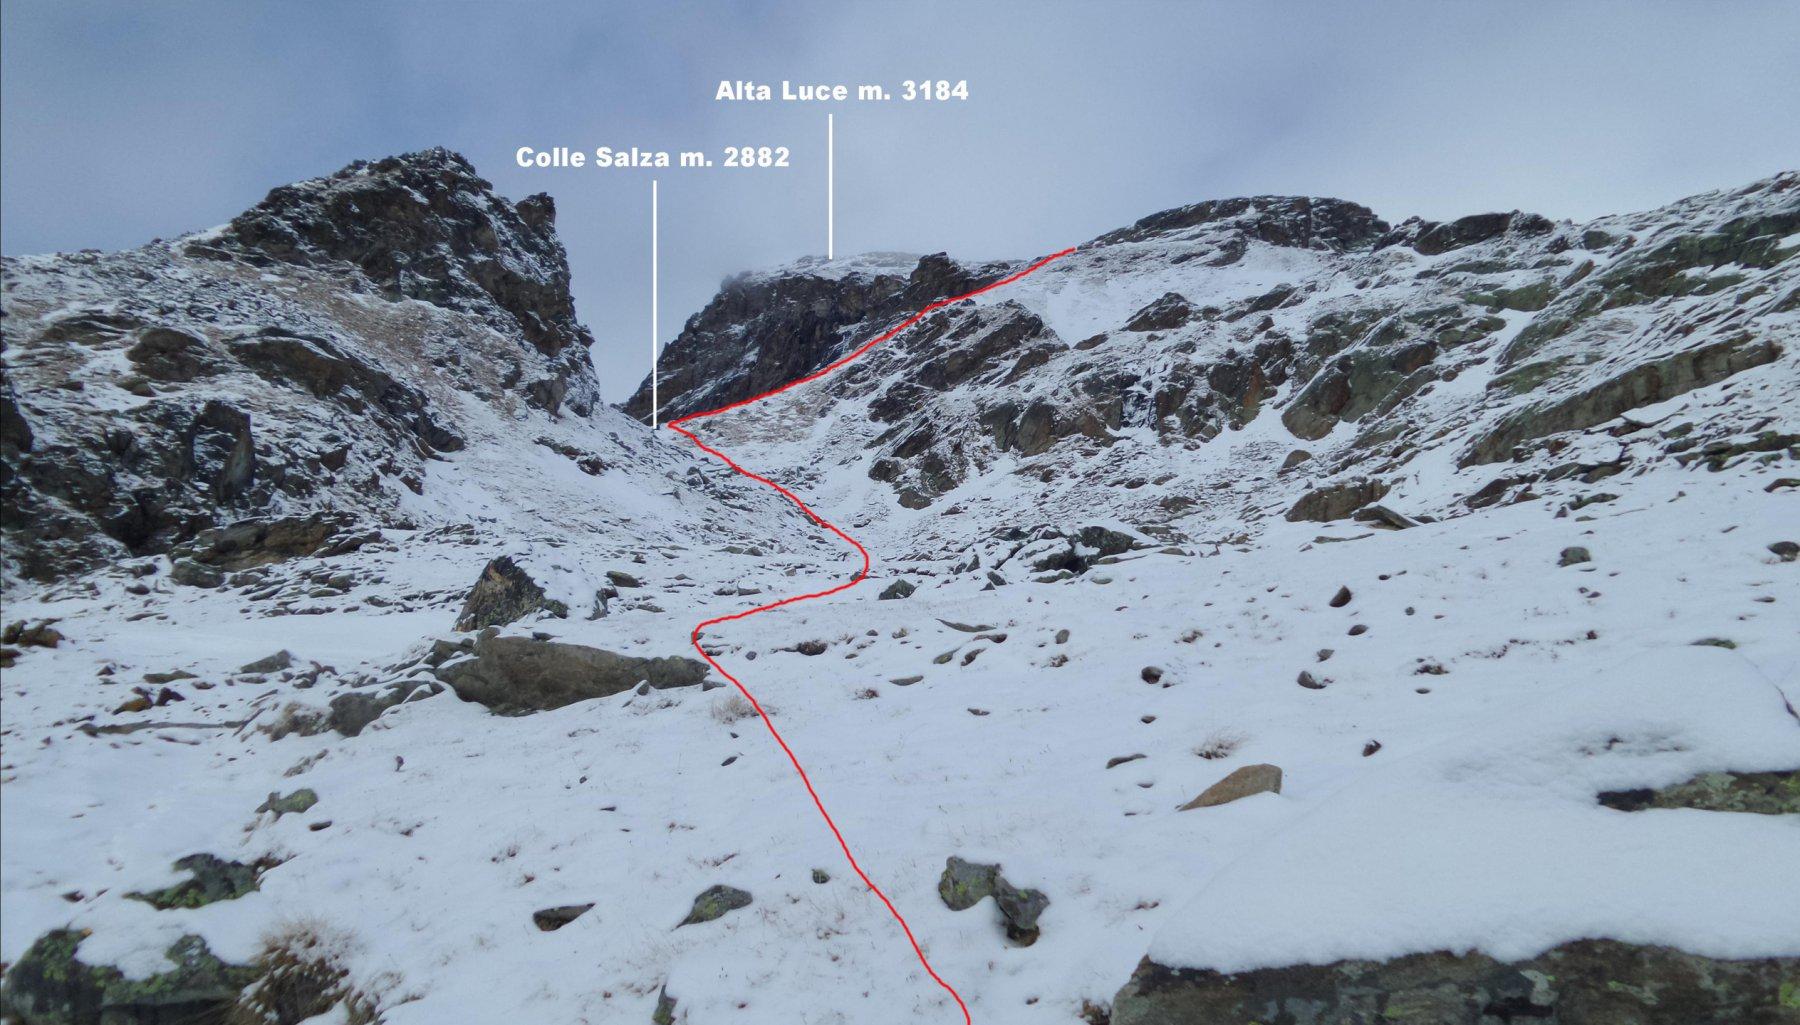 l'itinerario che sale verso la cima, osservato da quota 2700 m